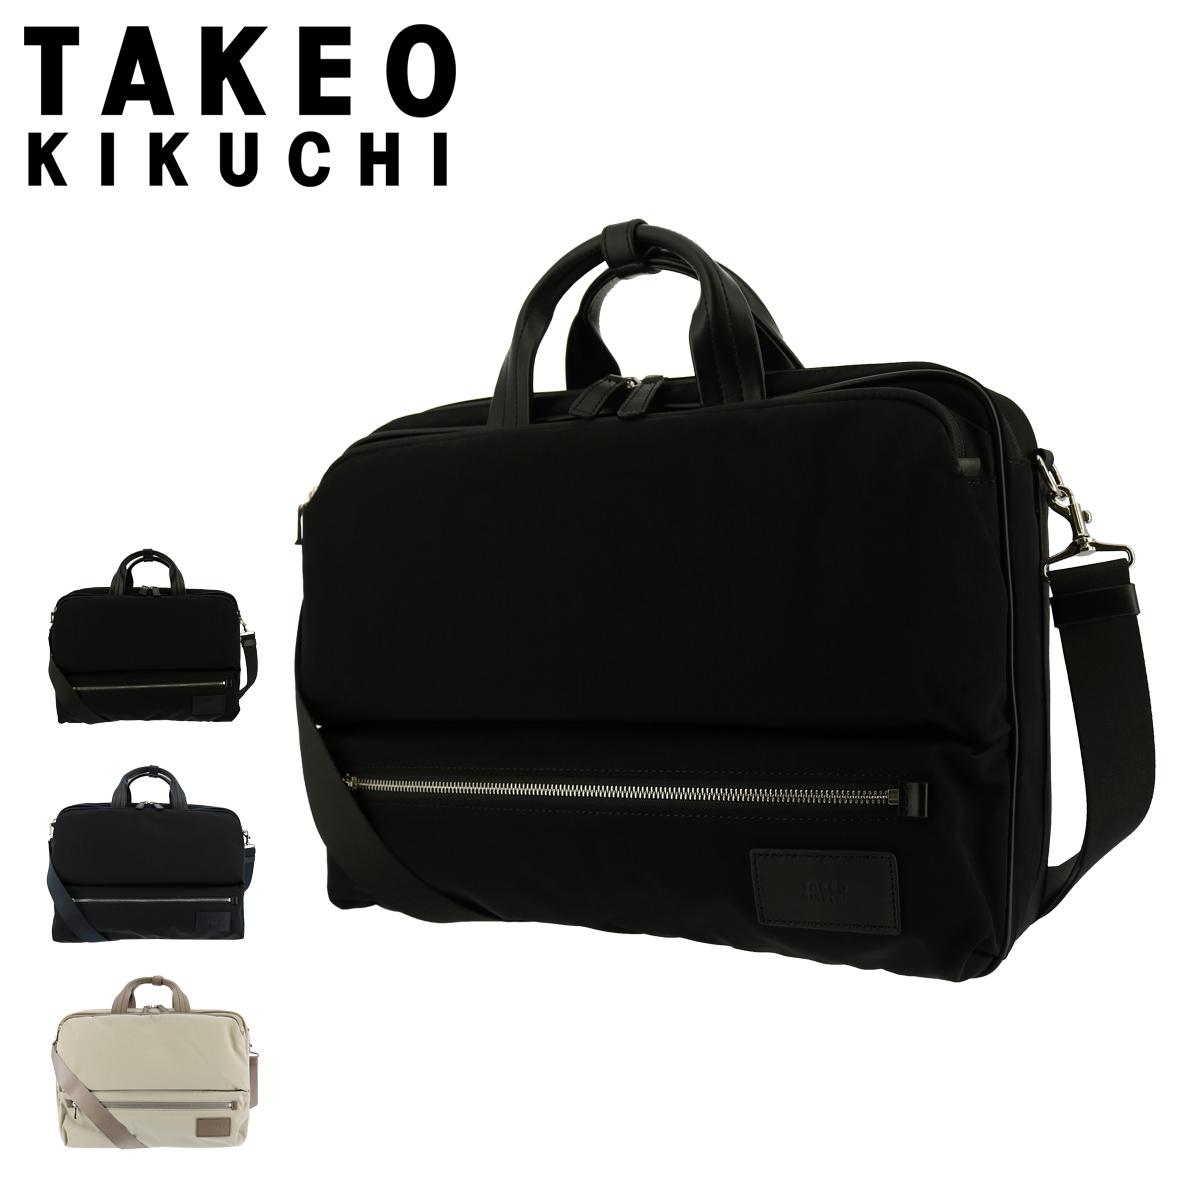 タケオキクチ ブリーフケース 3WAY B4 サーキュラー メンズ774502 TAKEO KIKUCHI | ビジネスバッグ 撥水 軽量 ビジネスリュック 本革 レザー [PO5][bef]